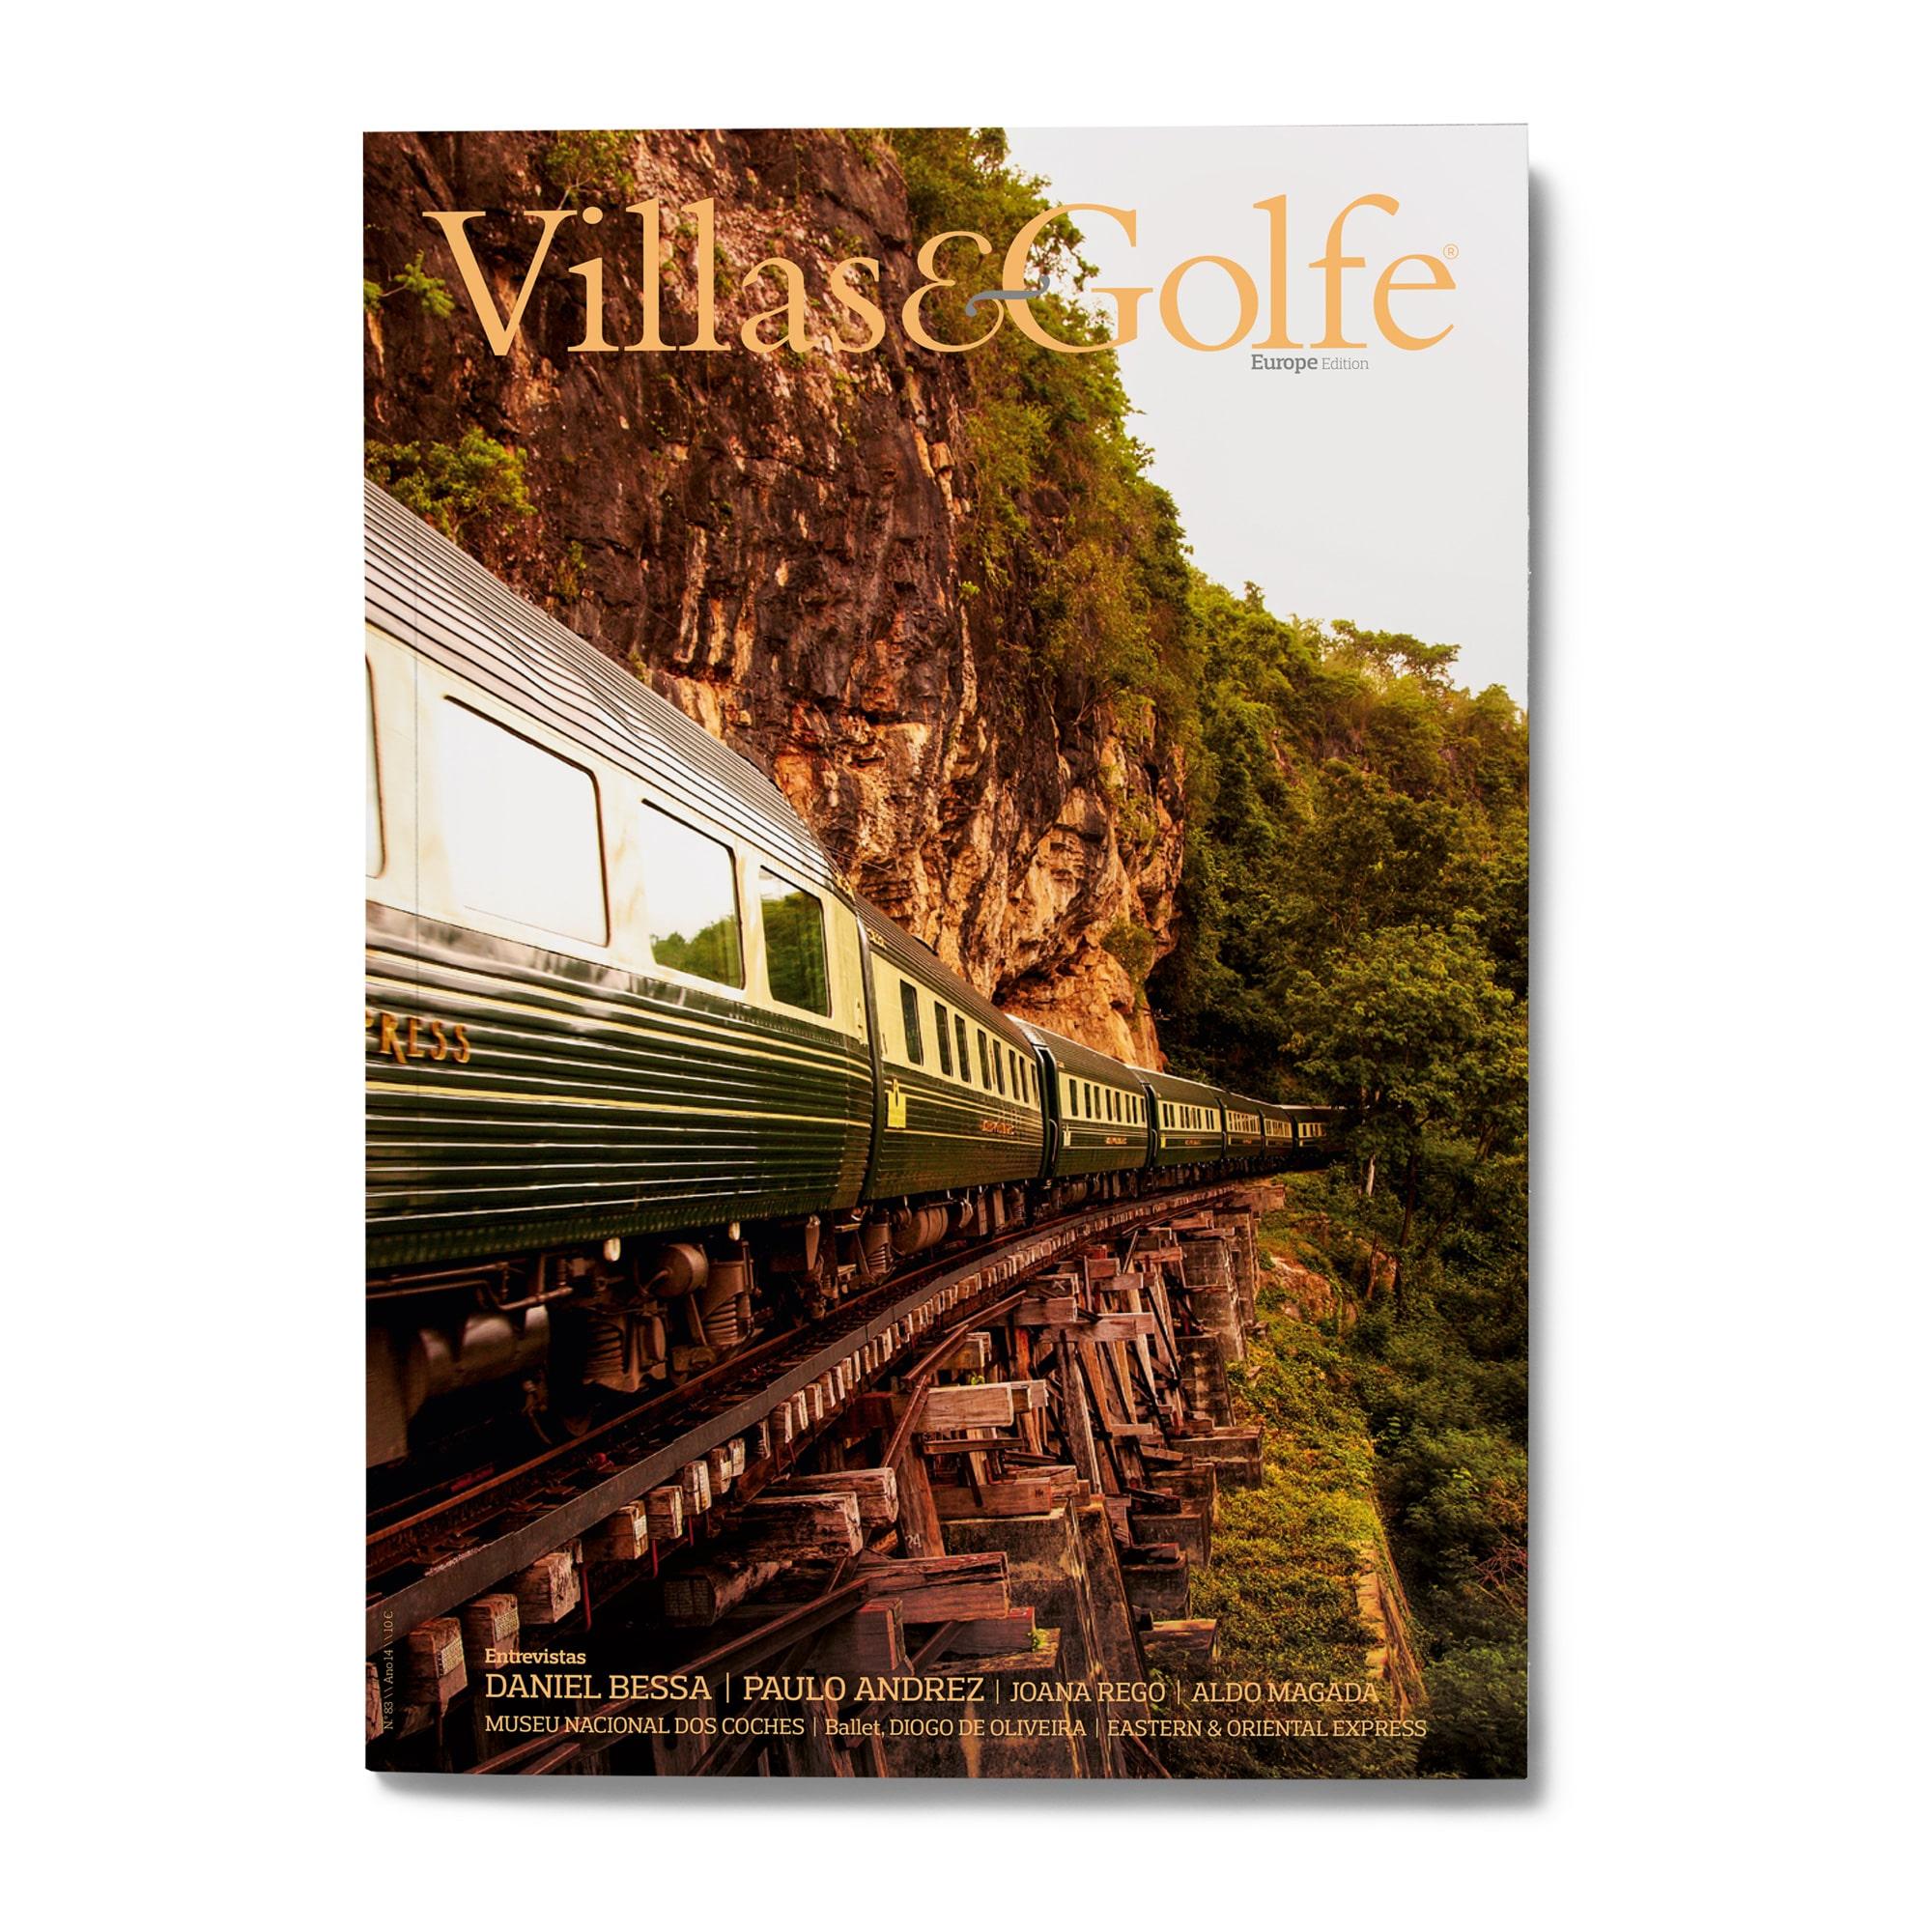 Villas & Golfe - DESIGN BY MIGUEL SOEIRO